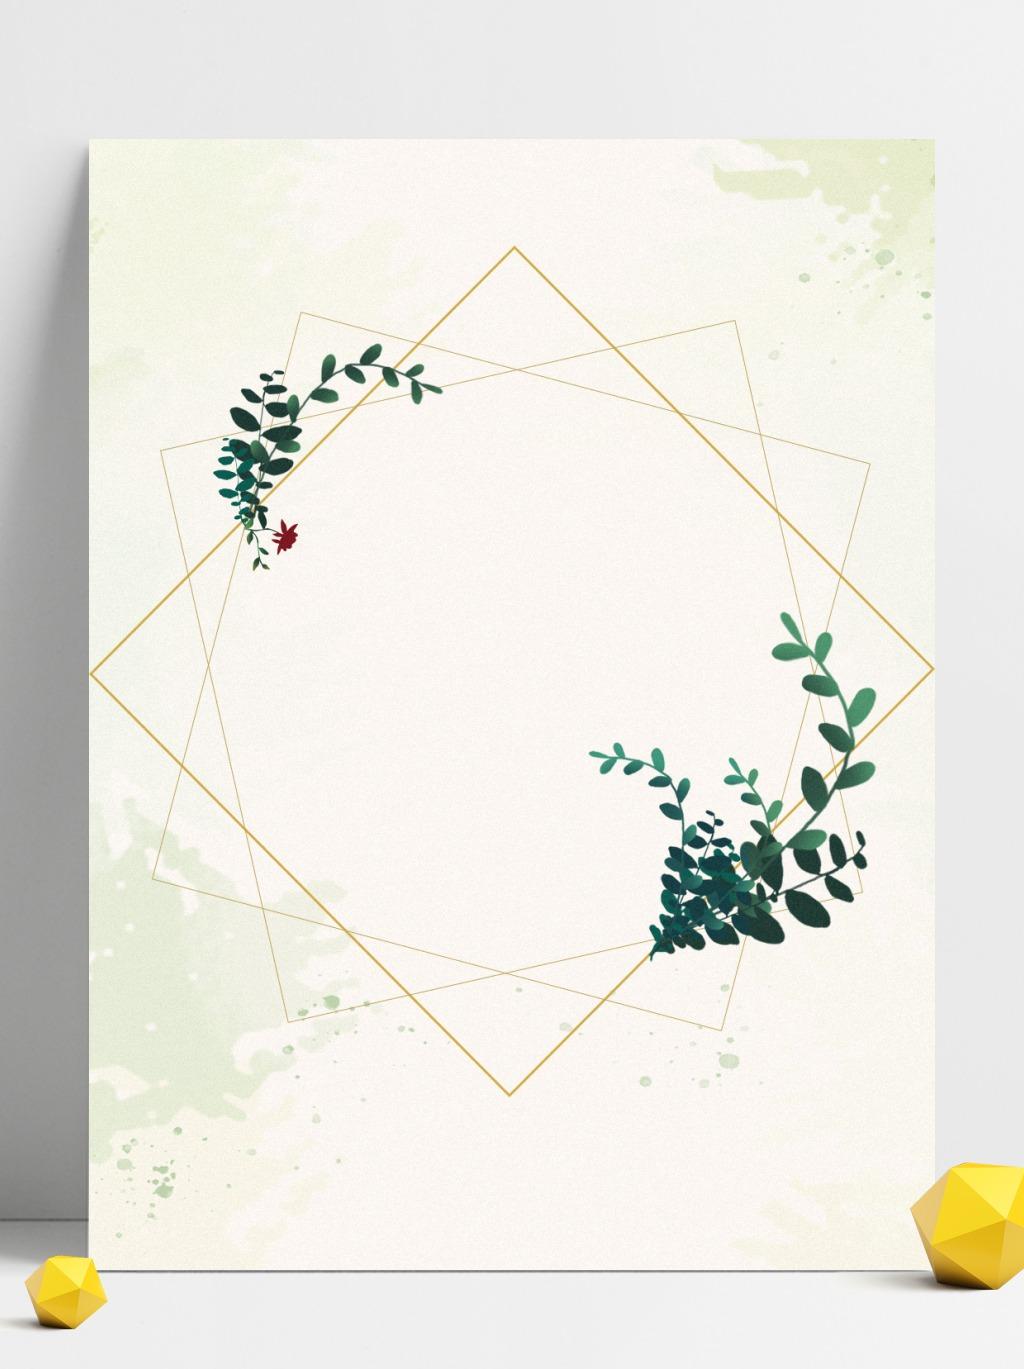 小清新绿色花框简约风广告背景高清图片